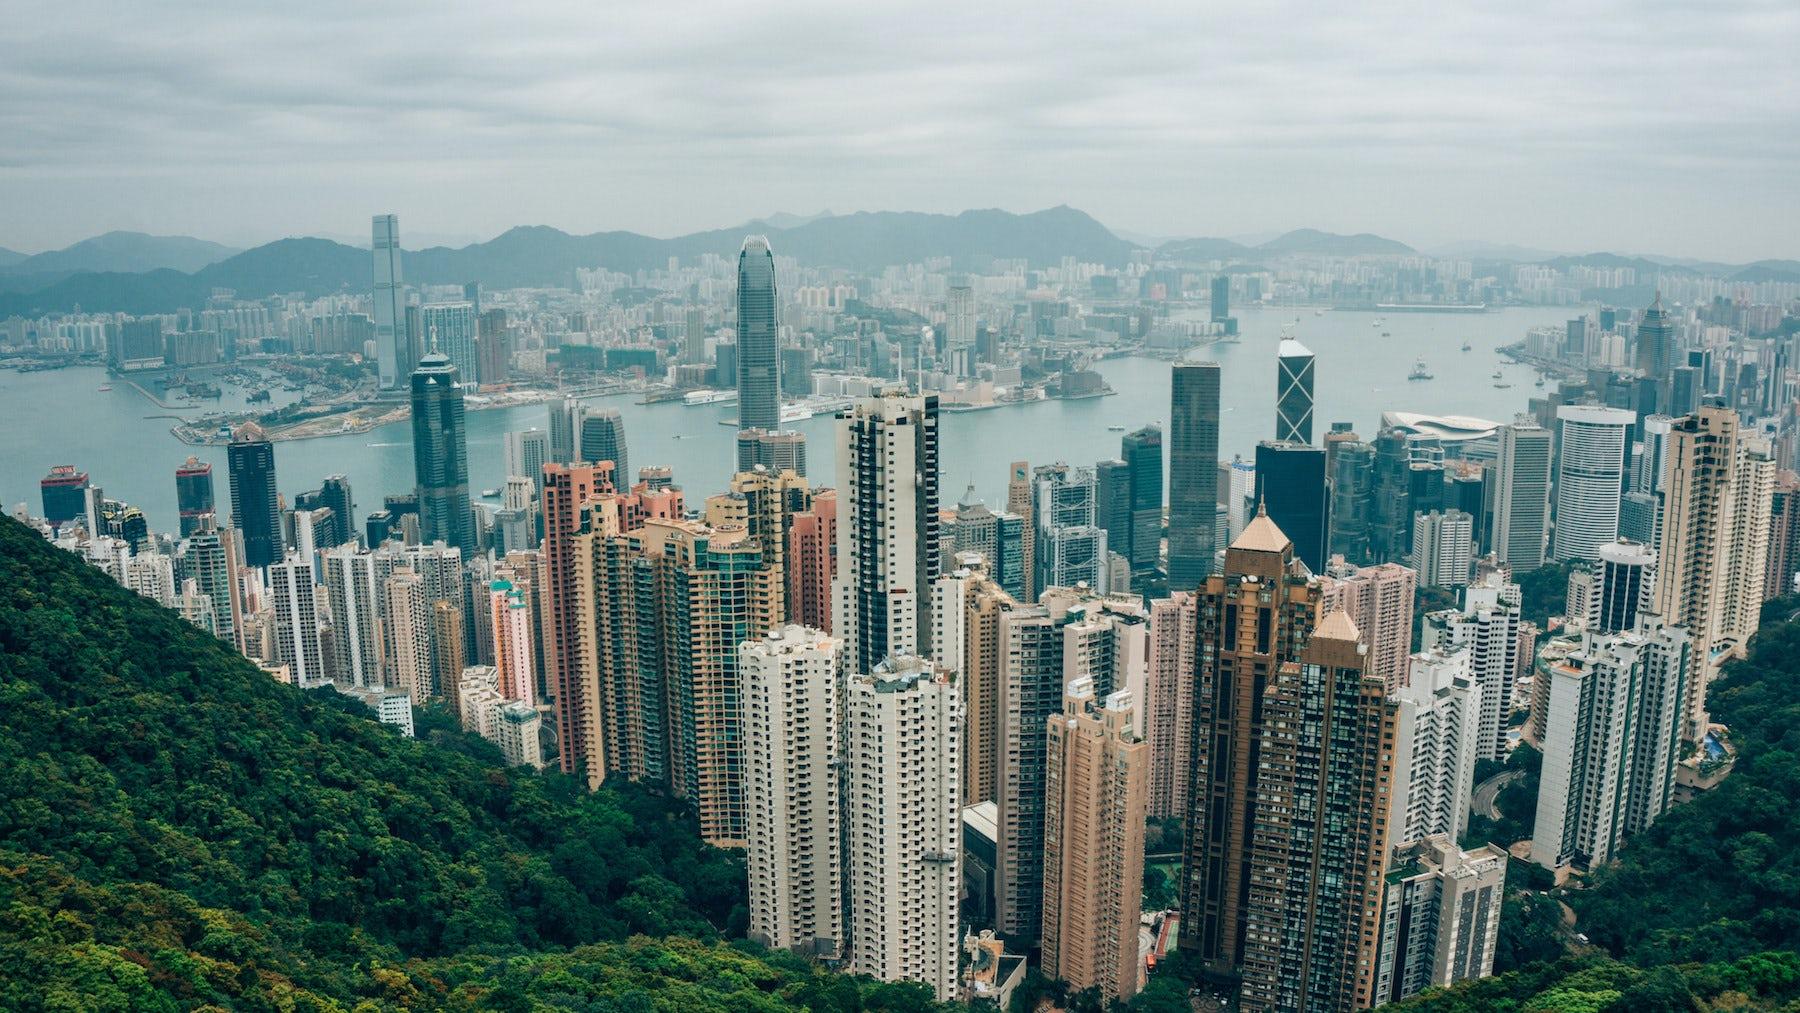 Hong Kong   Source: Shutterstock